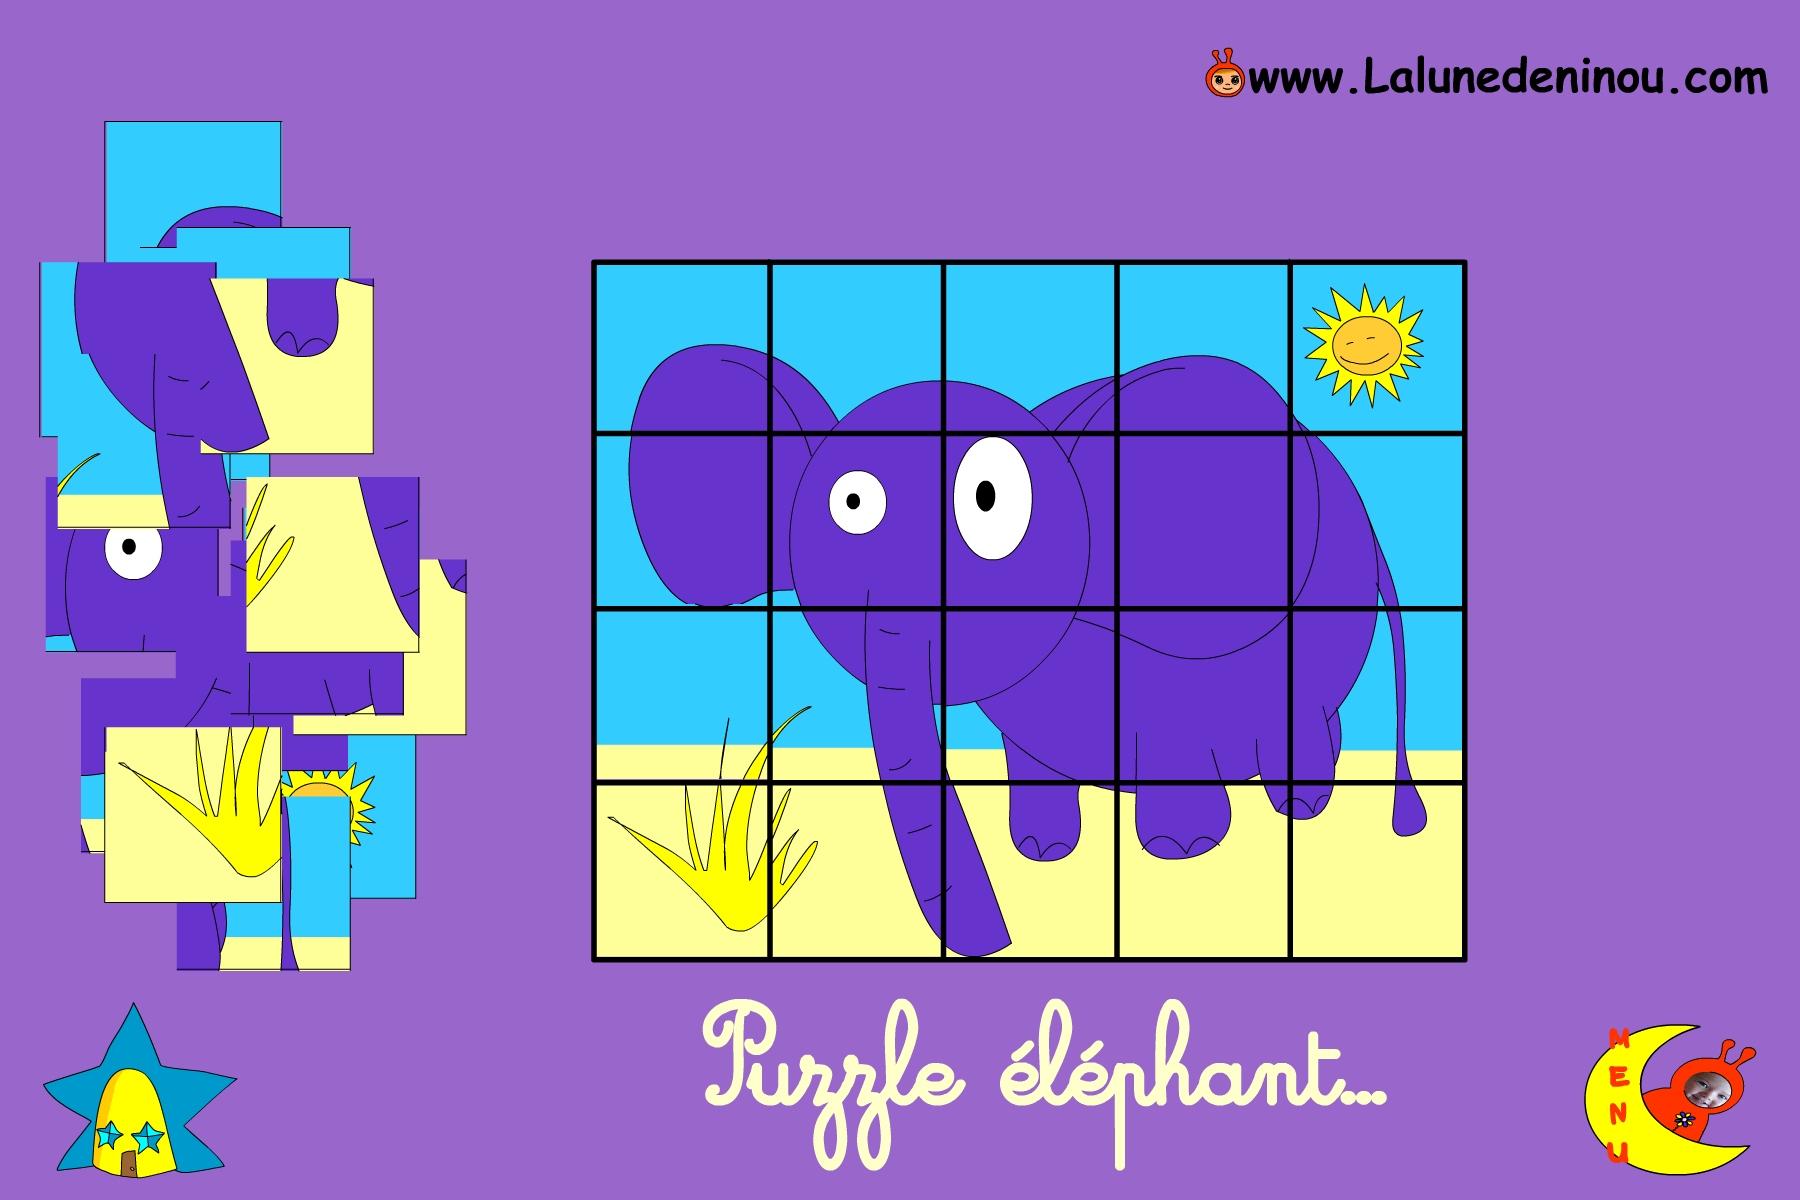 Puzzle En Ligne Pour Enfant De Maternelle - Lalunedeninou encequiconcerne Puzzle En Ligne Enfant